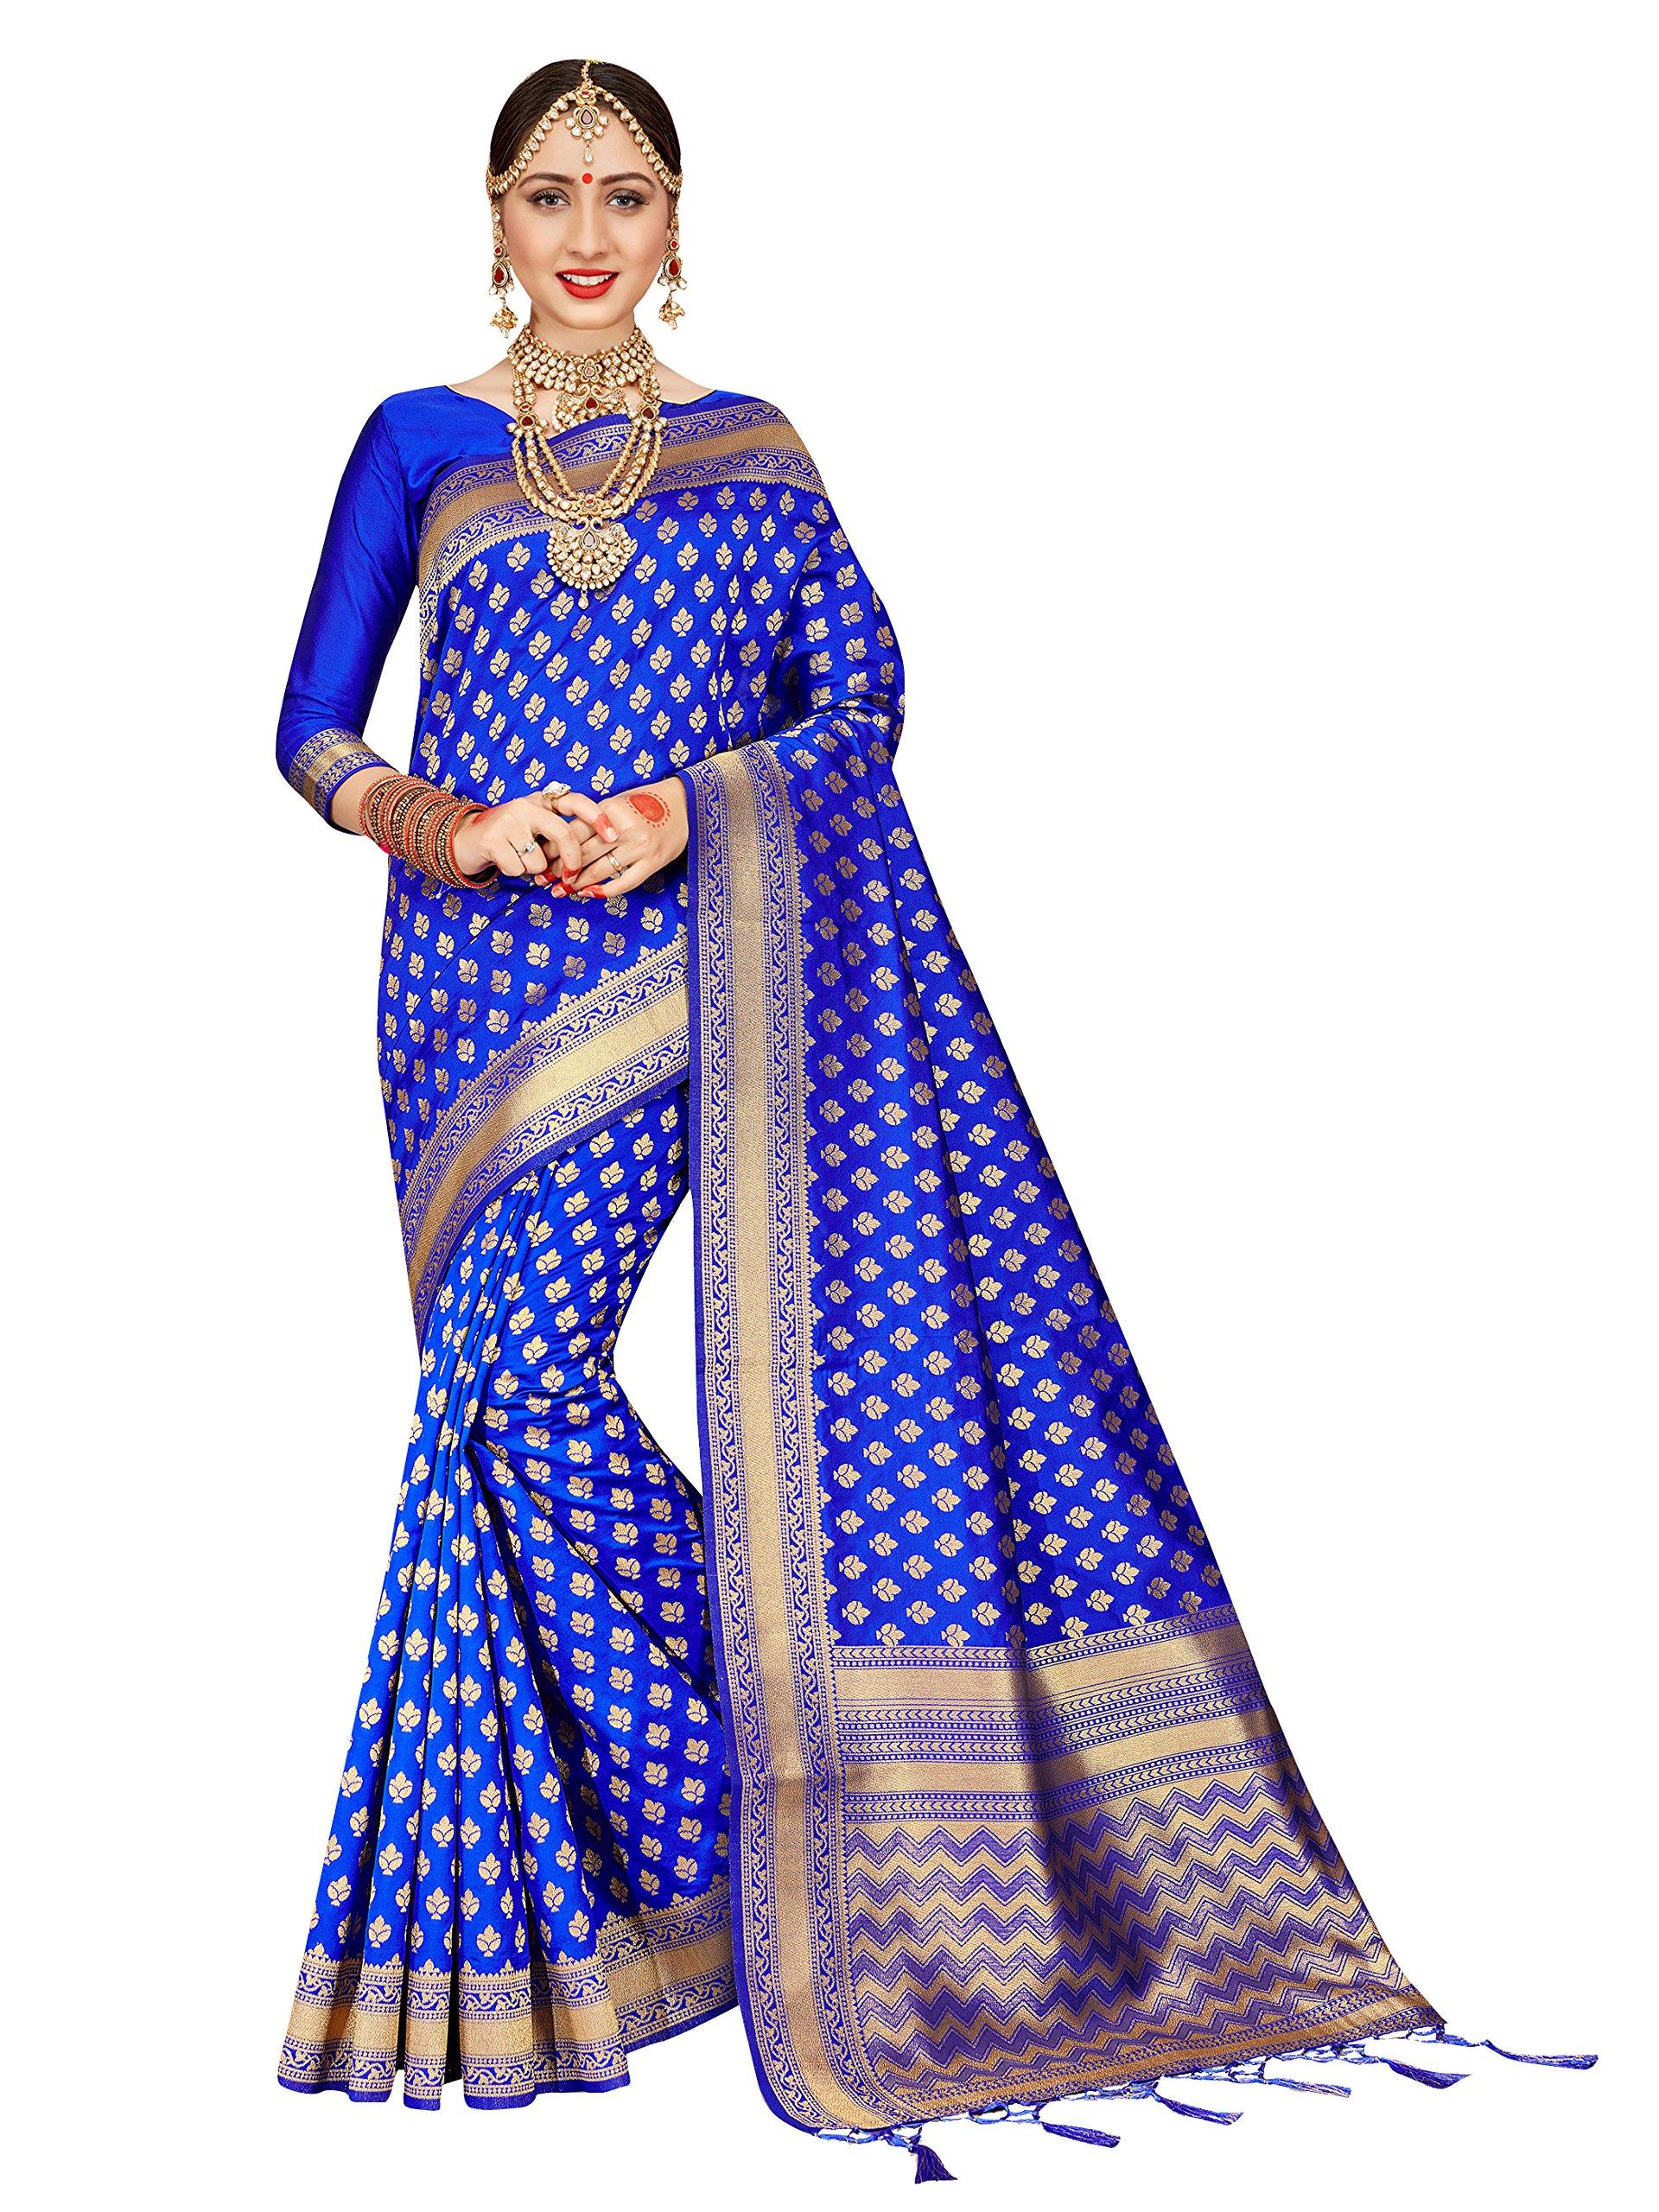 ELINA FASHION Sarees For Women Banarasi Art Silk Woven Saree l Indian Wedding Traditional Wear Sari and Blouse